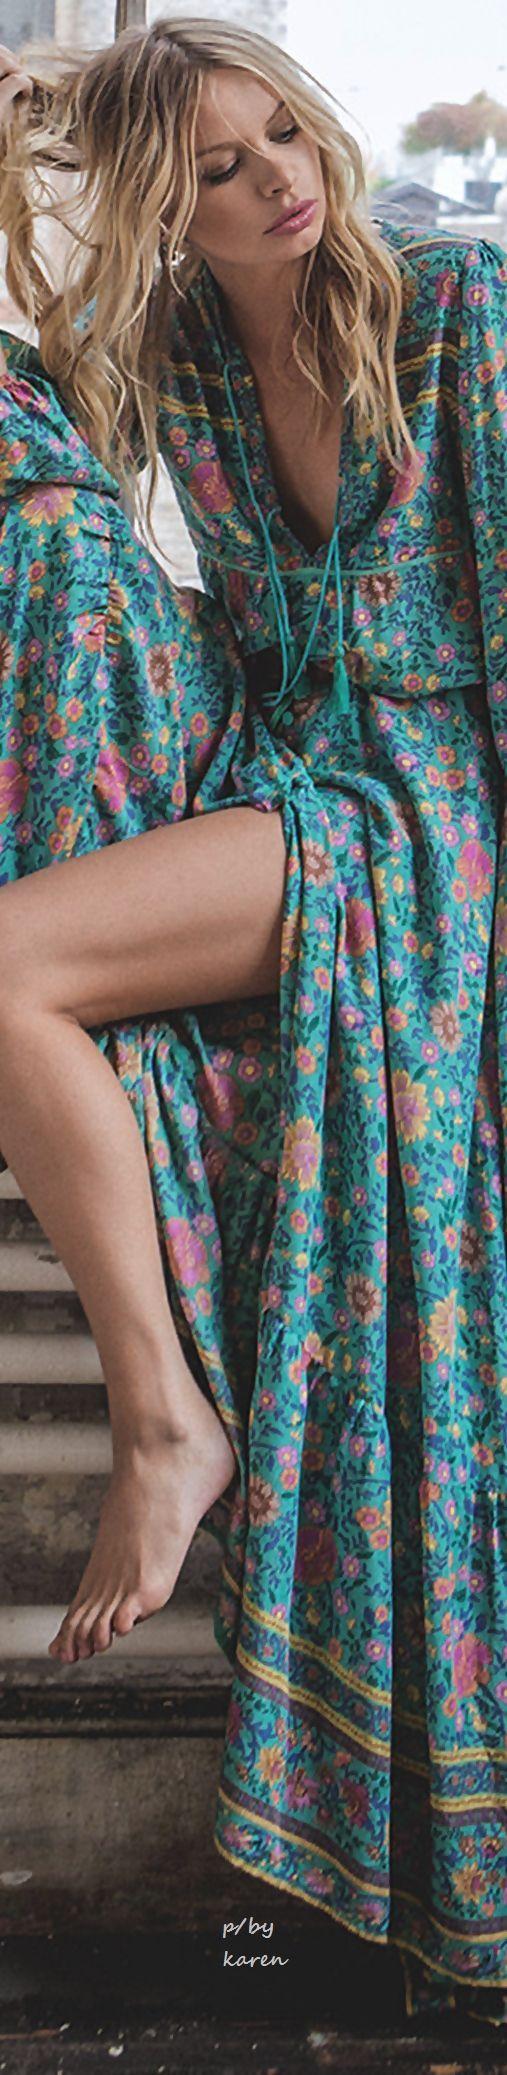 Boho Style http://shop.spelldesigns.com